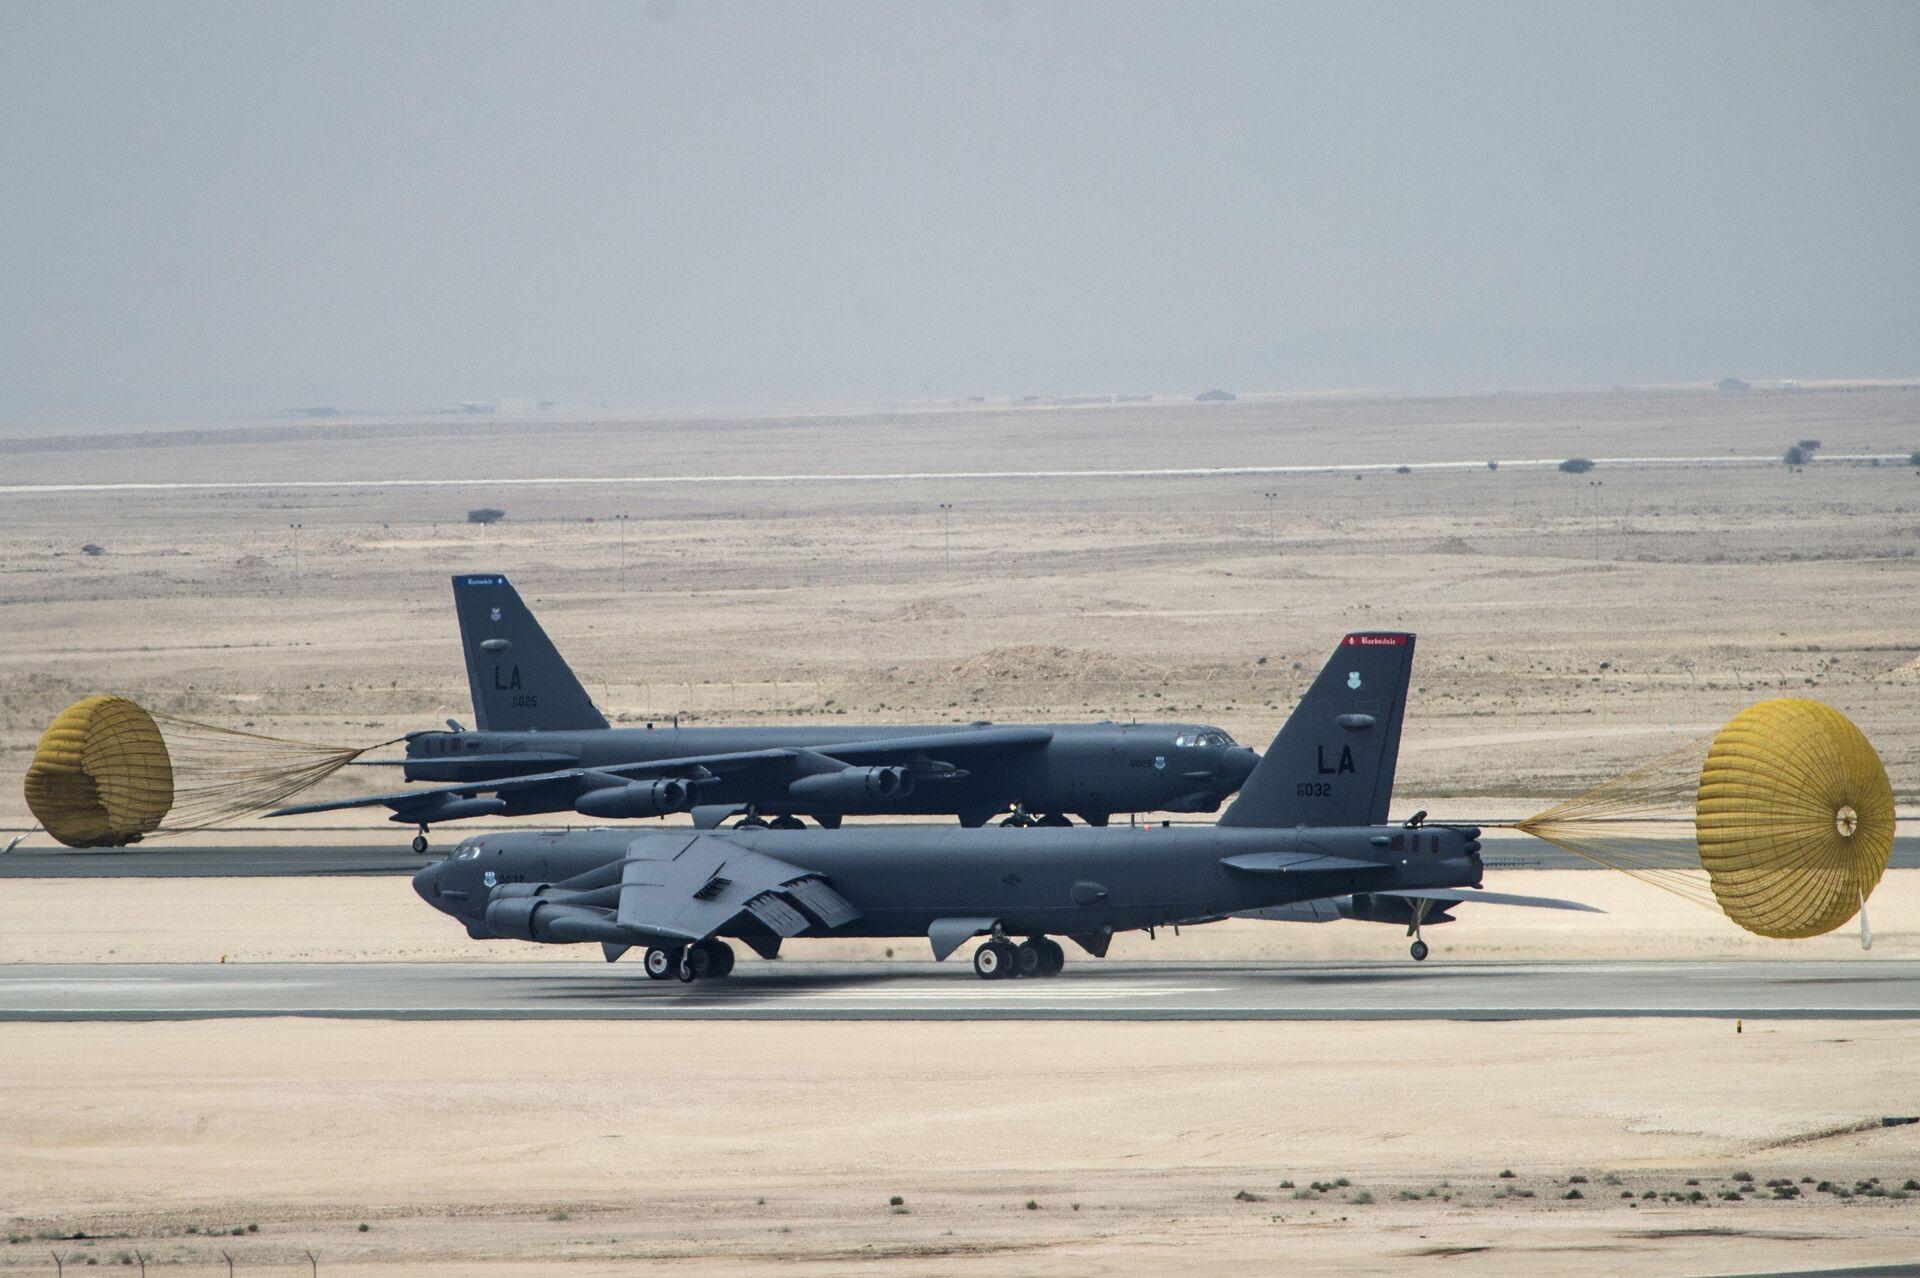 Американский стратегический бомбардировщик B-52 Стратофортресс на авиабазе Аль-Удейд в Катаре - РИА Новости, 1920, 11.05.2021